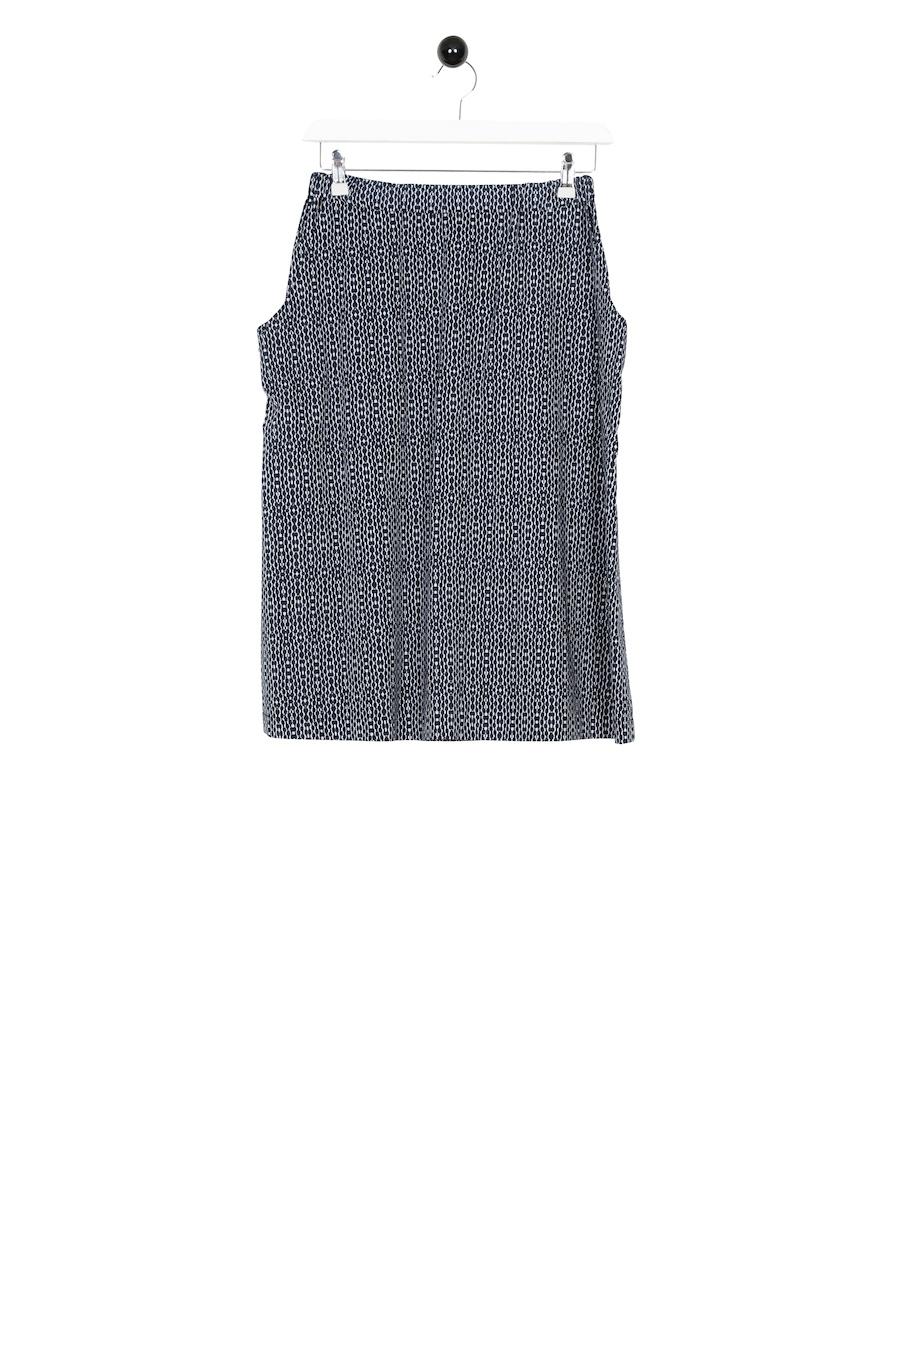 Marmor Skirt